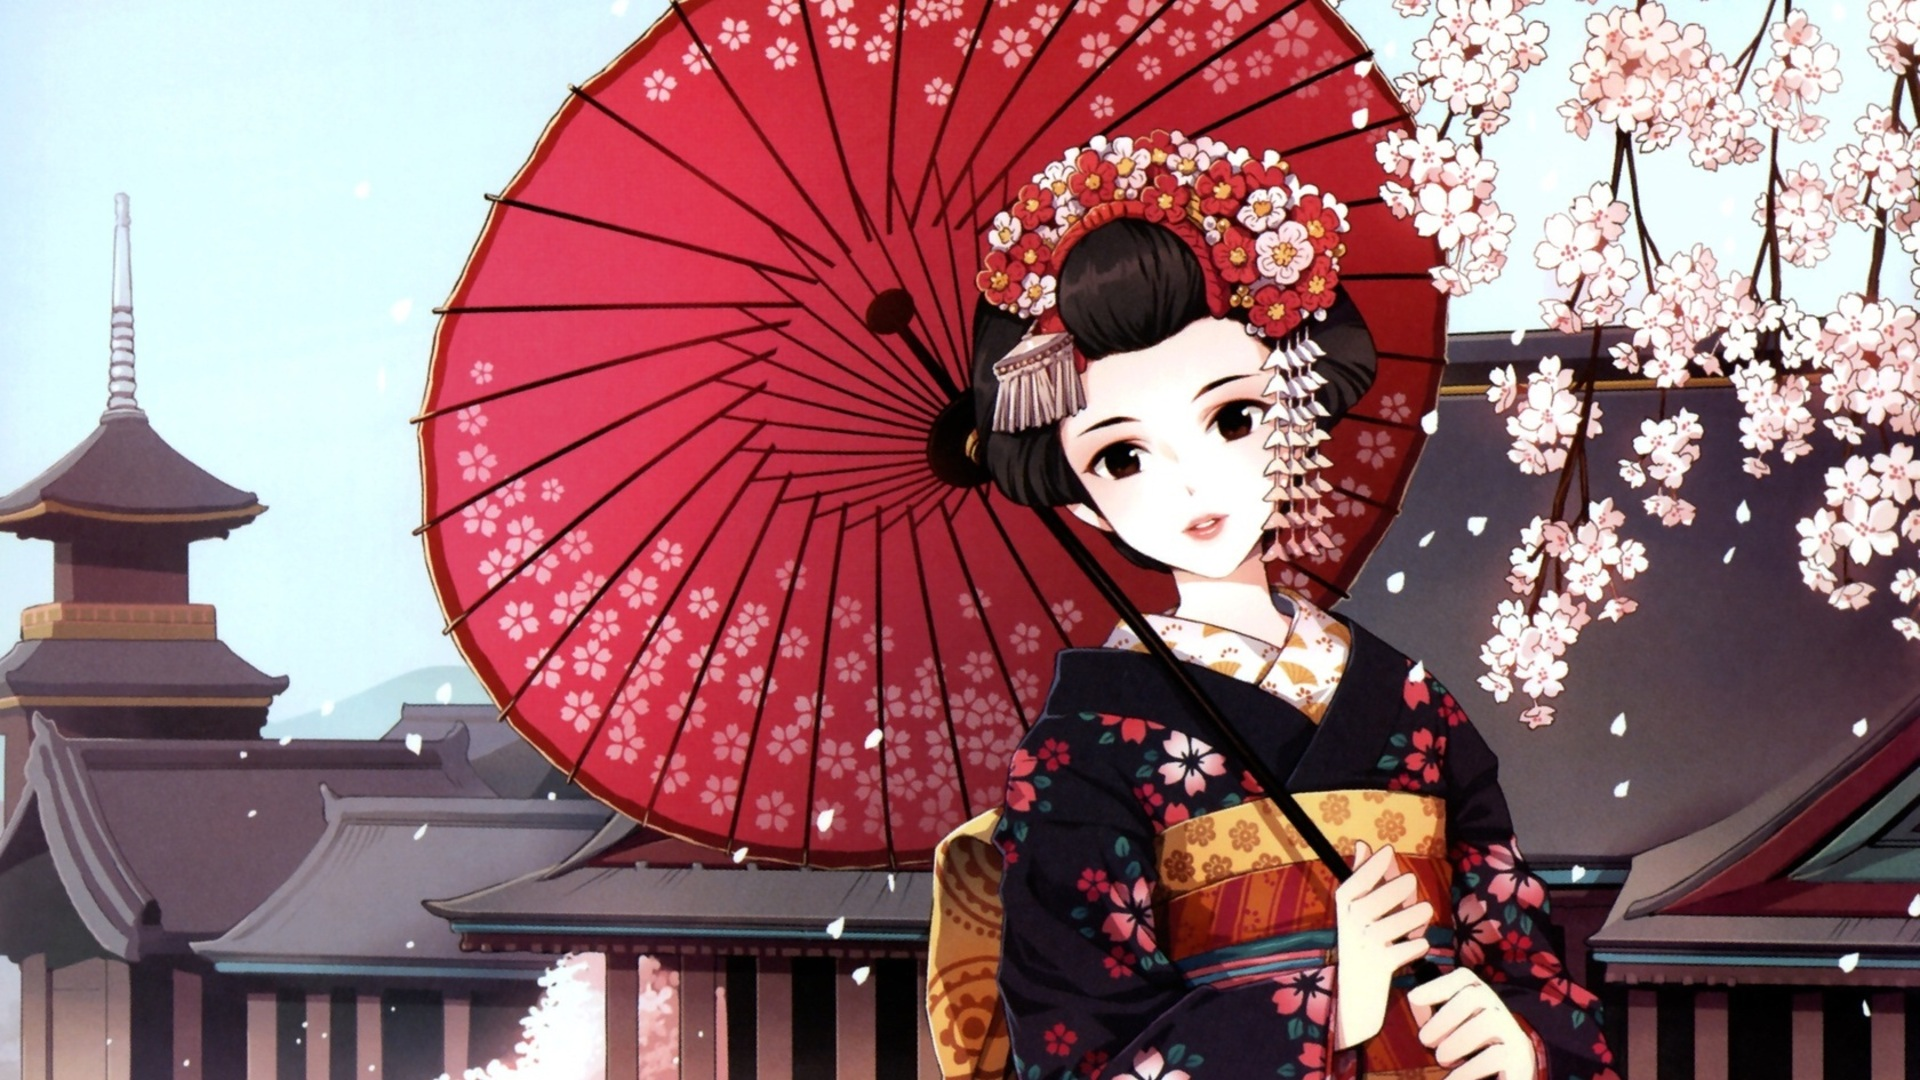 Japanese Geisha Art Wallpaper 20567 Wallpaper Wallpaper hd 1920x1080